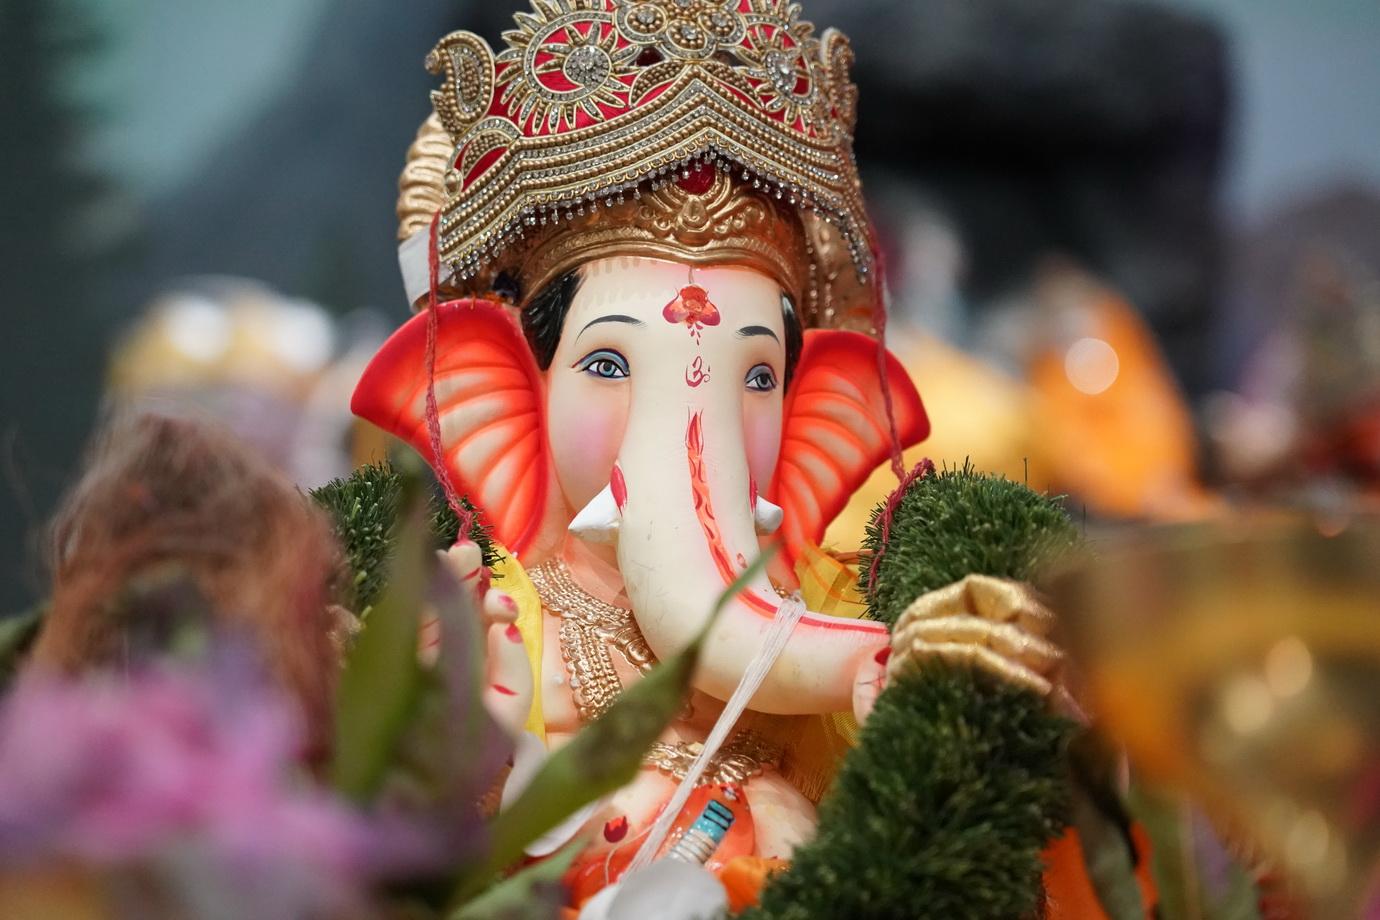 Shree Ganesh Utsav Celebration